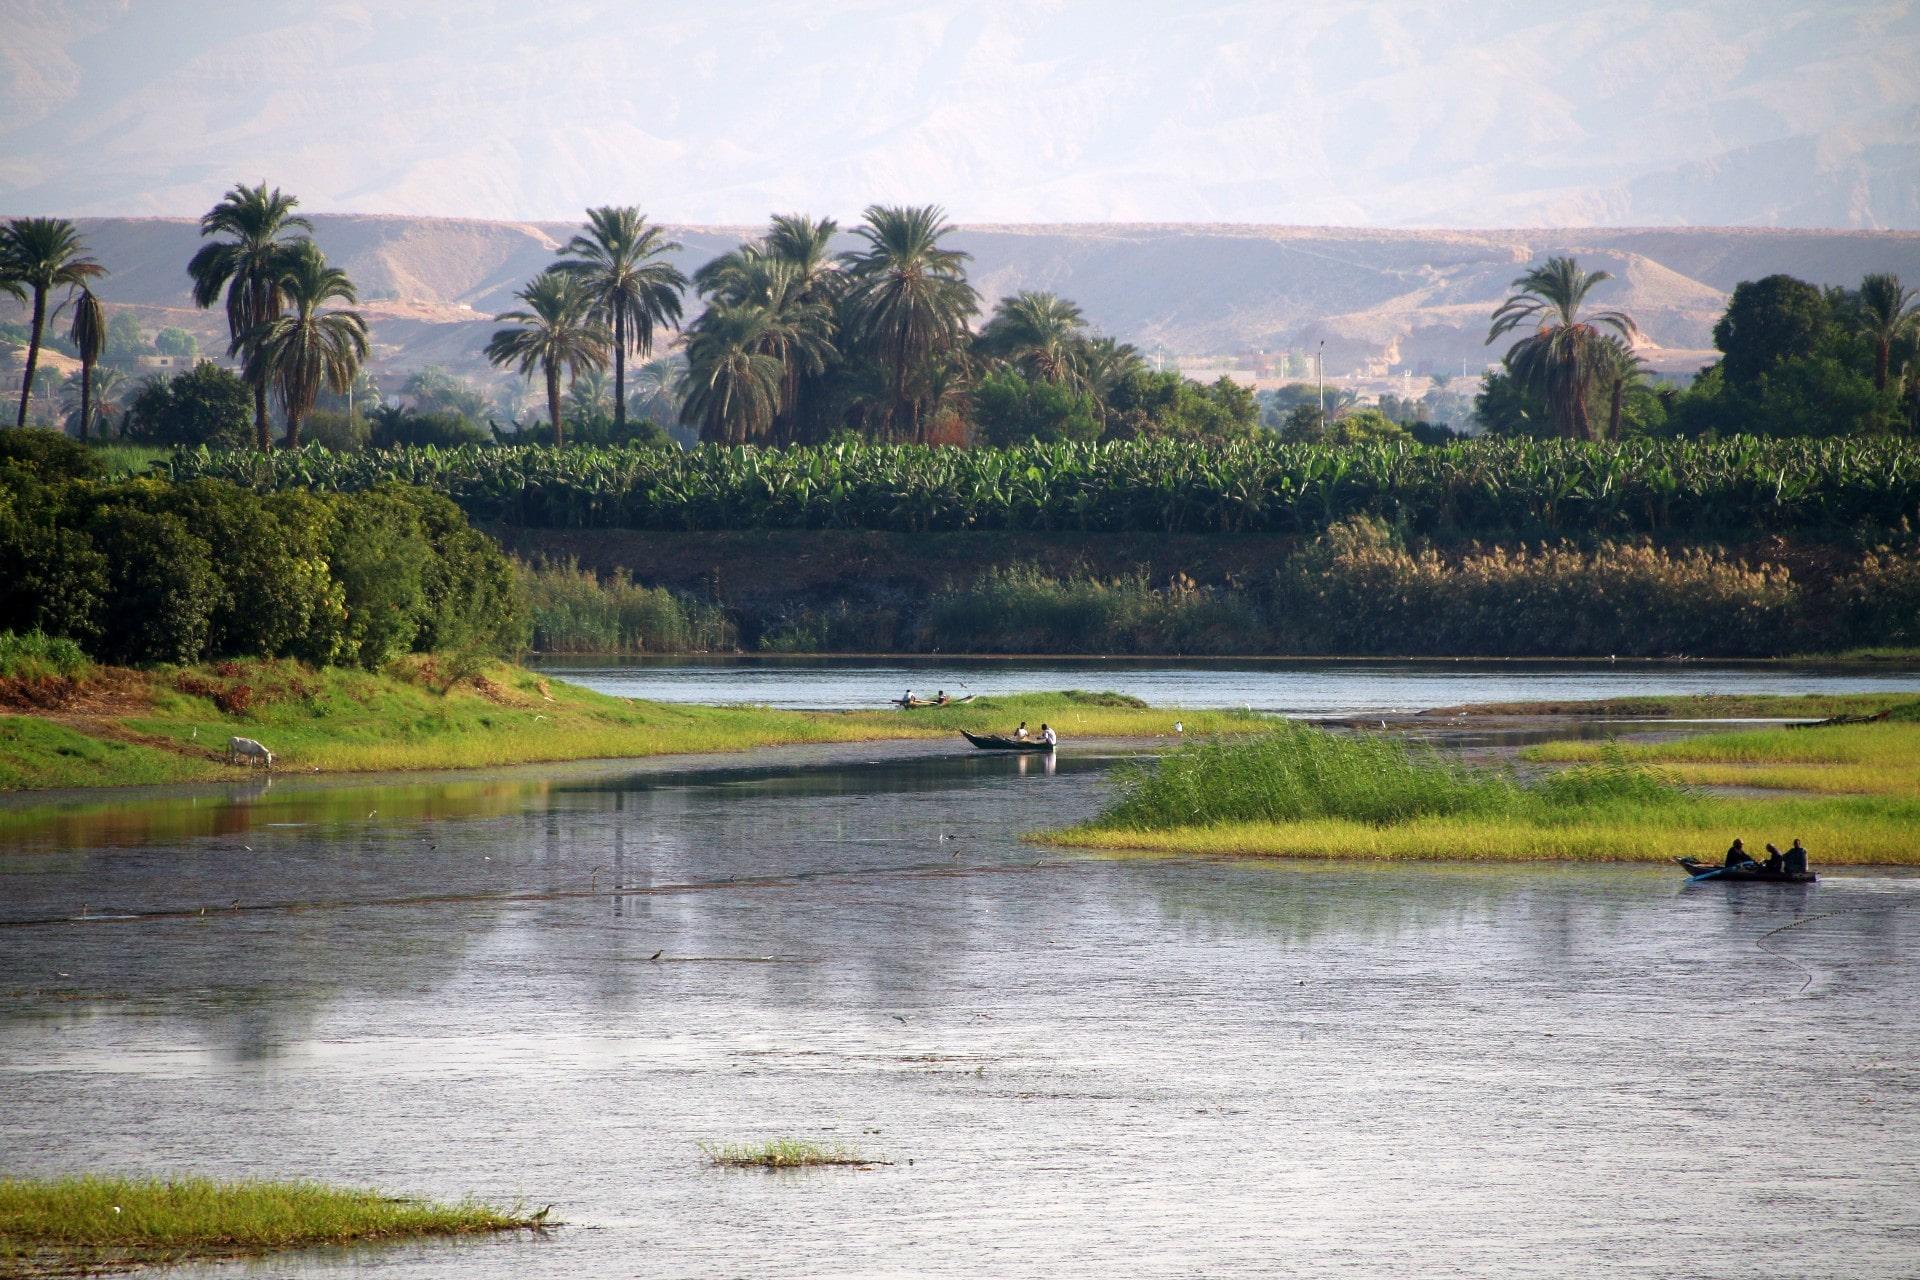 Le Caire et la Croisière sur le Nil I Béatrice et Rémy Defrance Février 2008